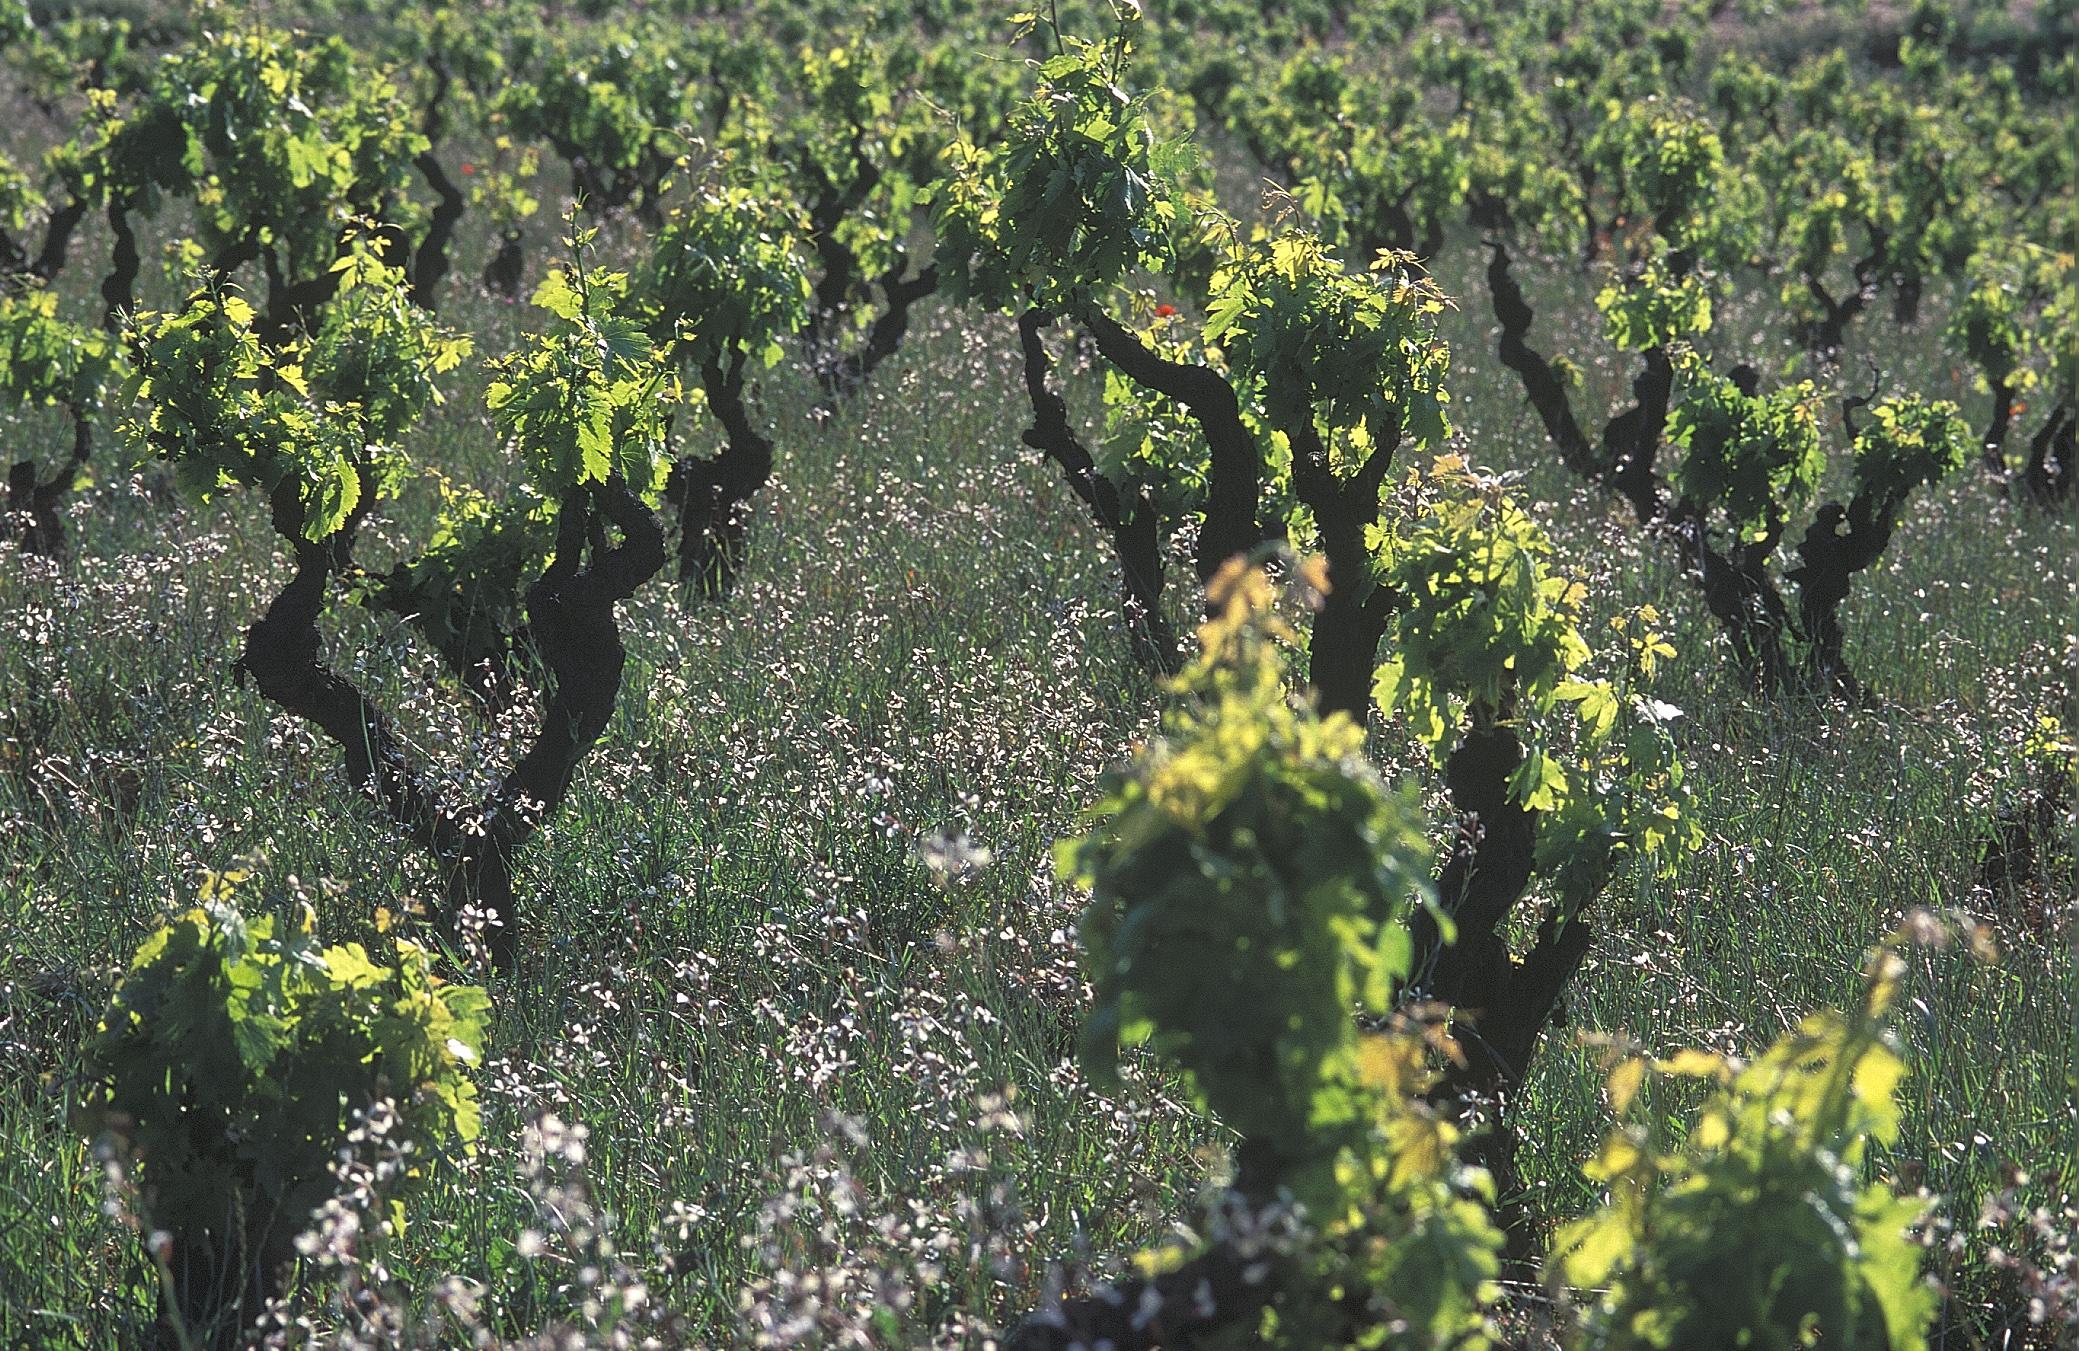 Weinreise durch Spanien - vinologische Dreifaltigkeit